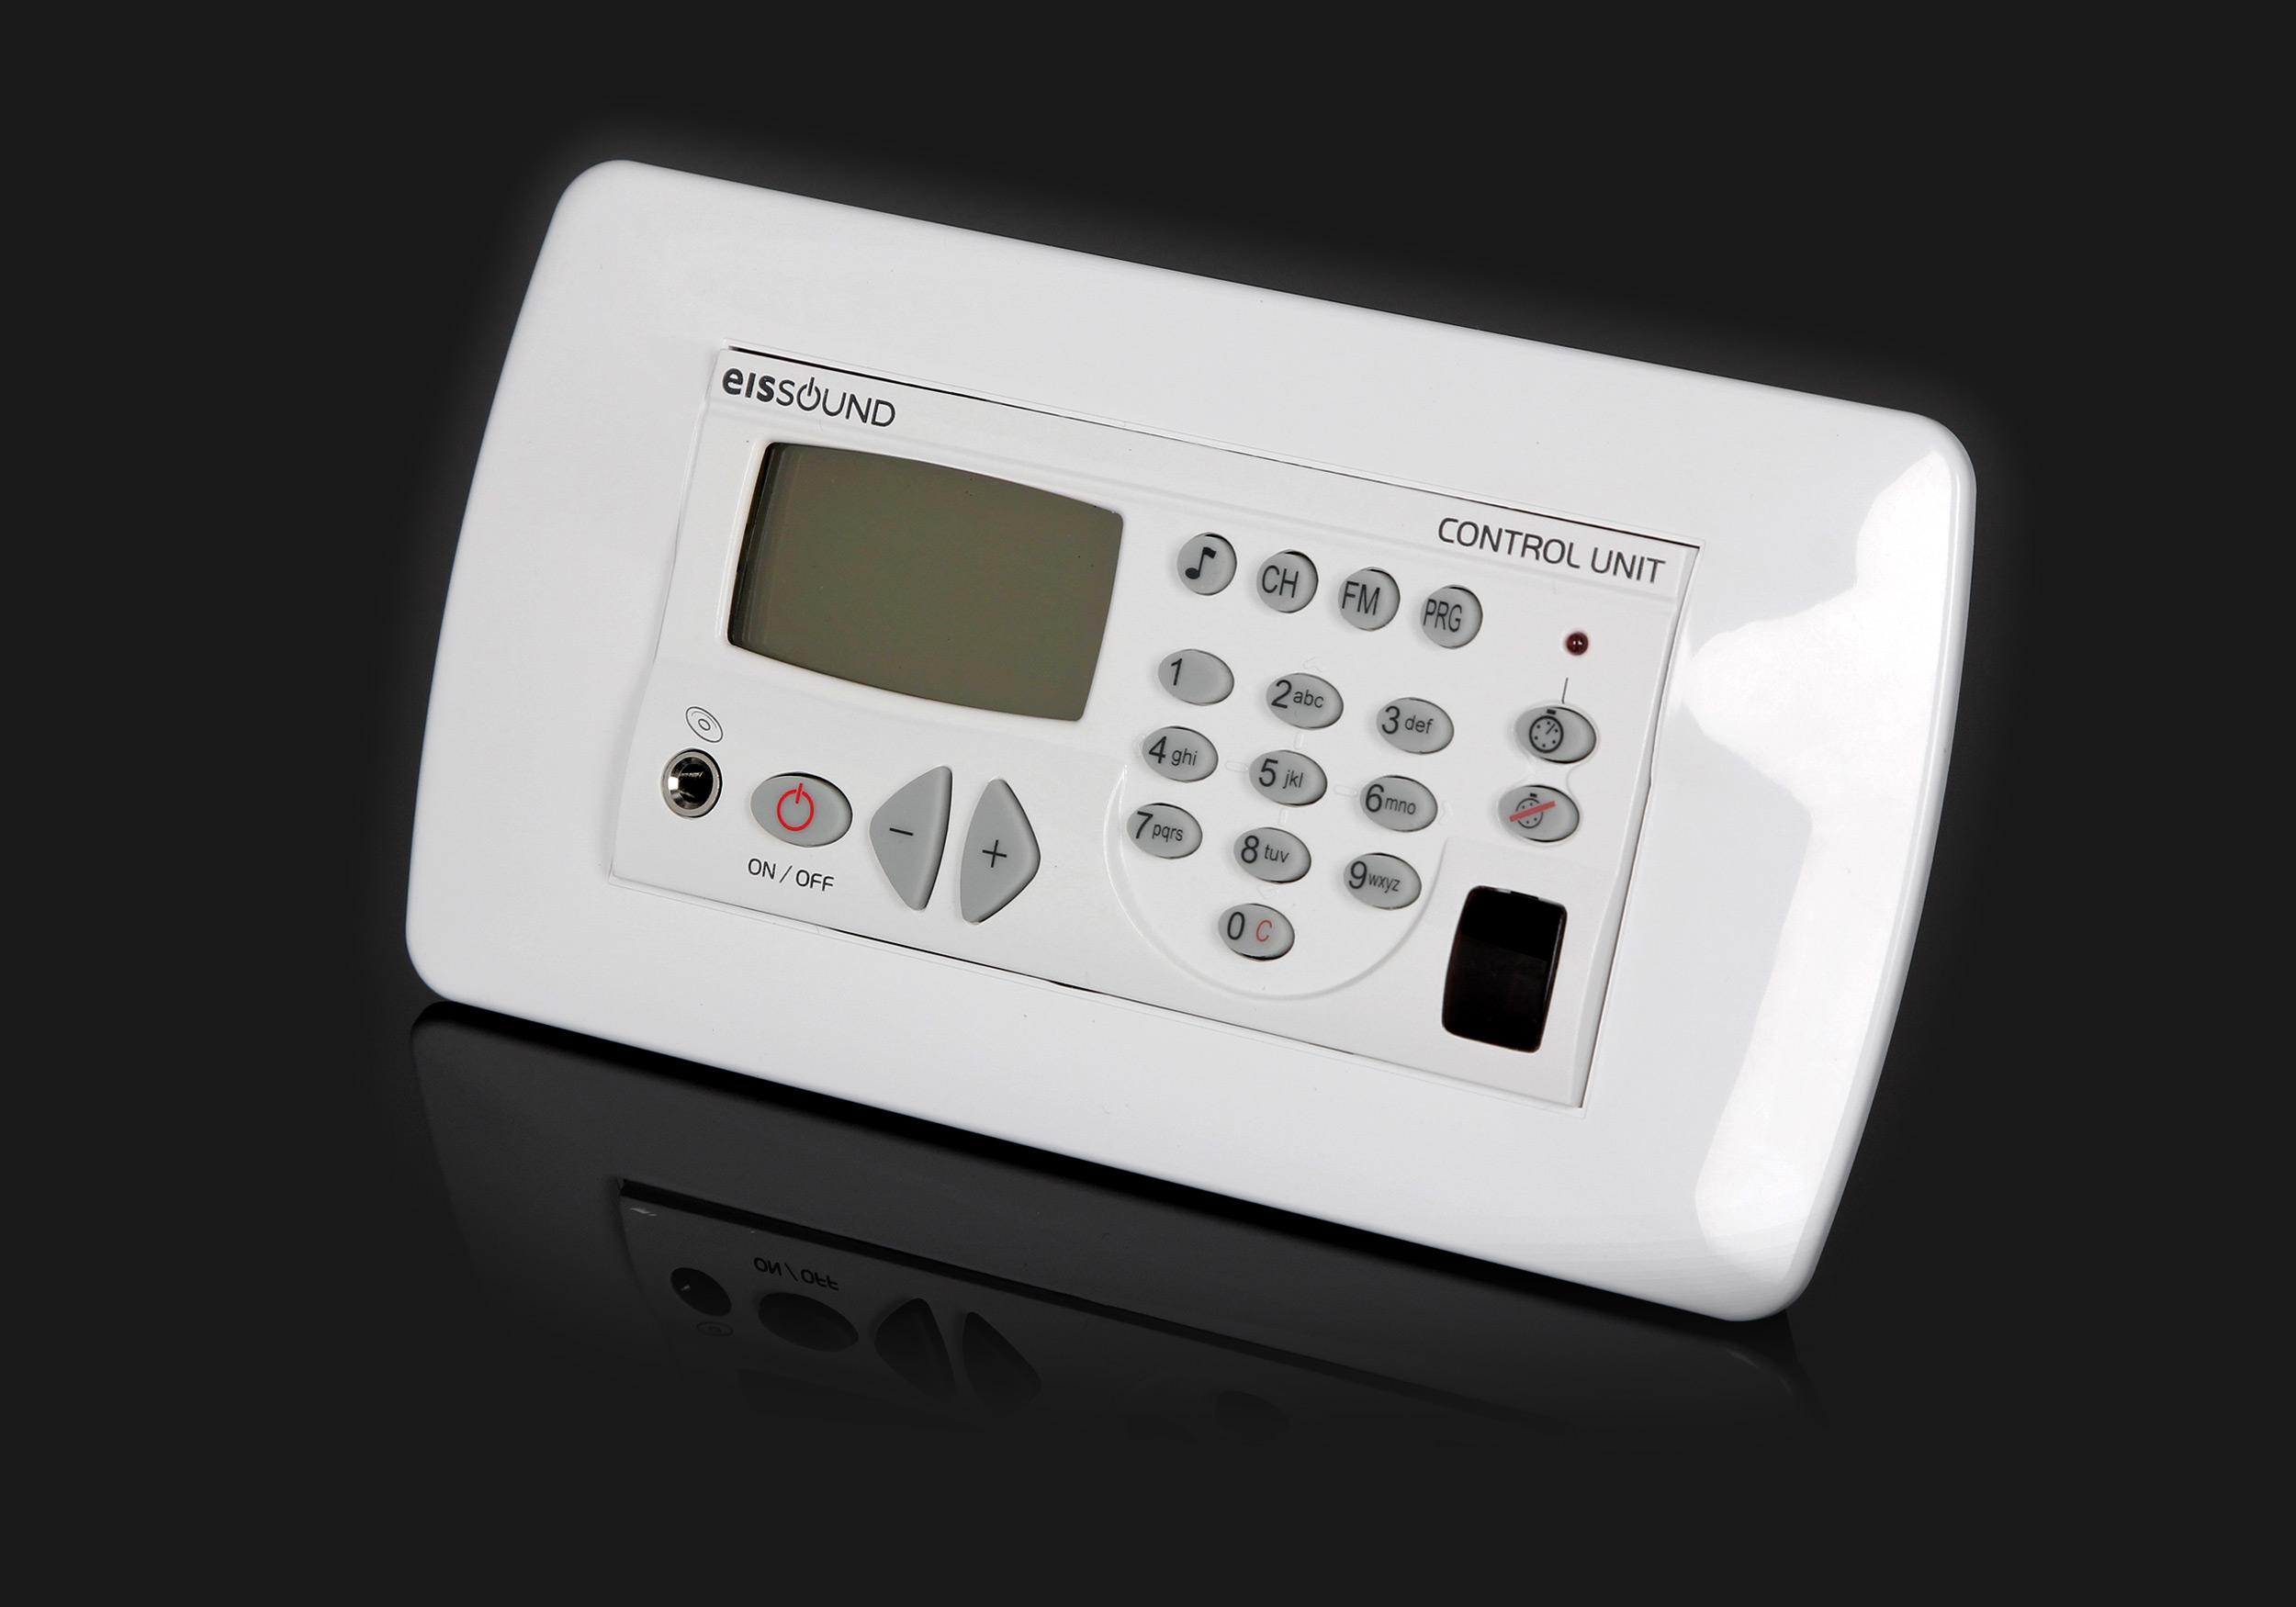 KB Sound Premium radio do montażu ściennego w łazience z głośnikami sufitowymi